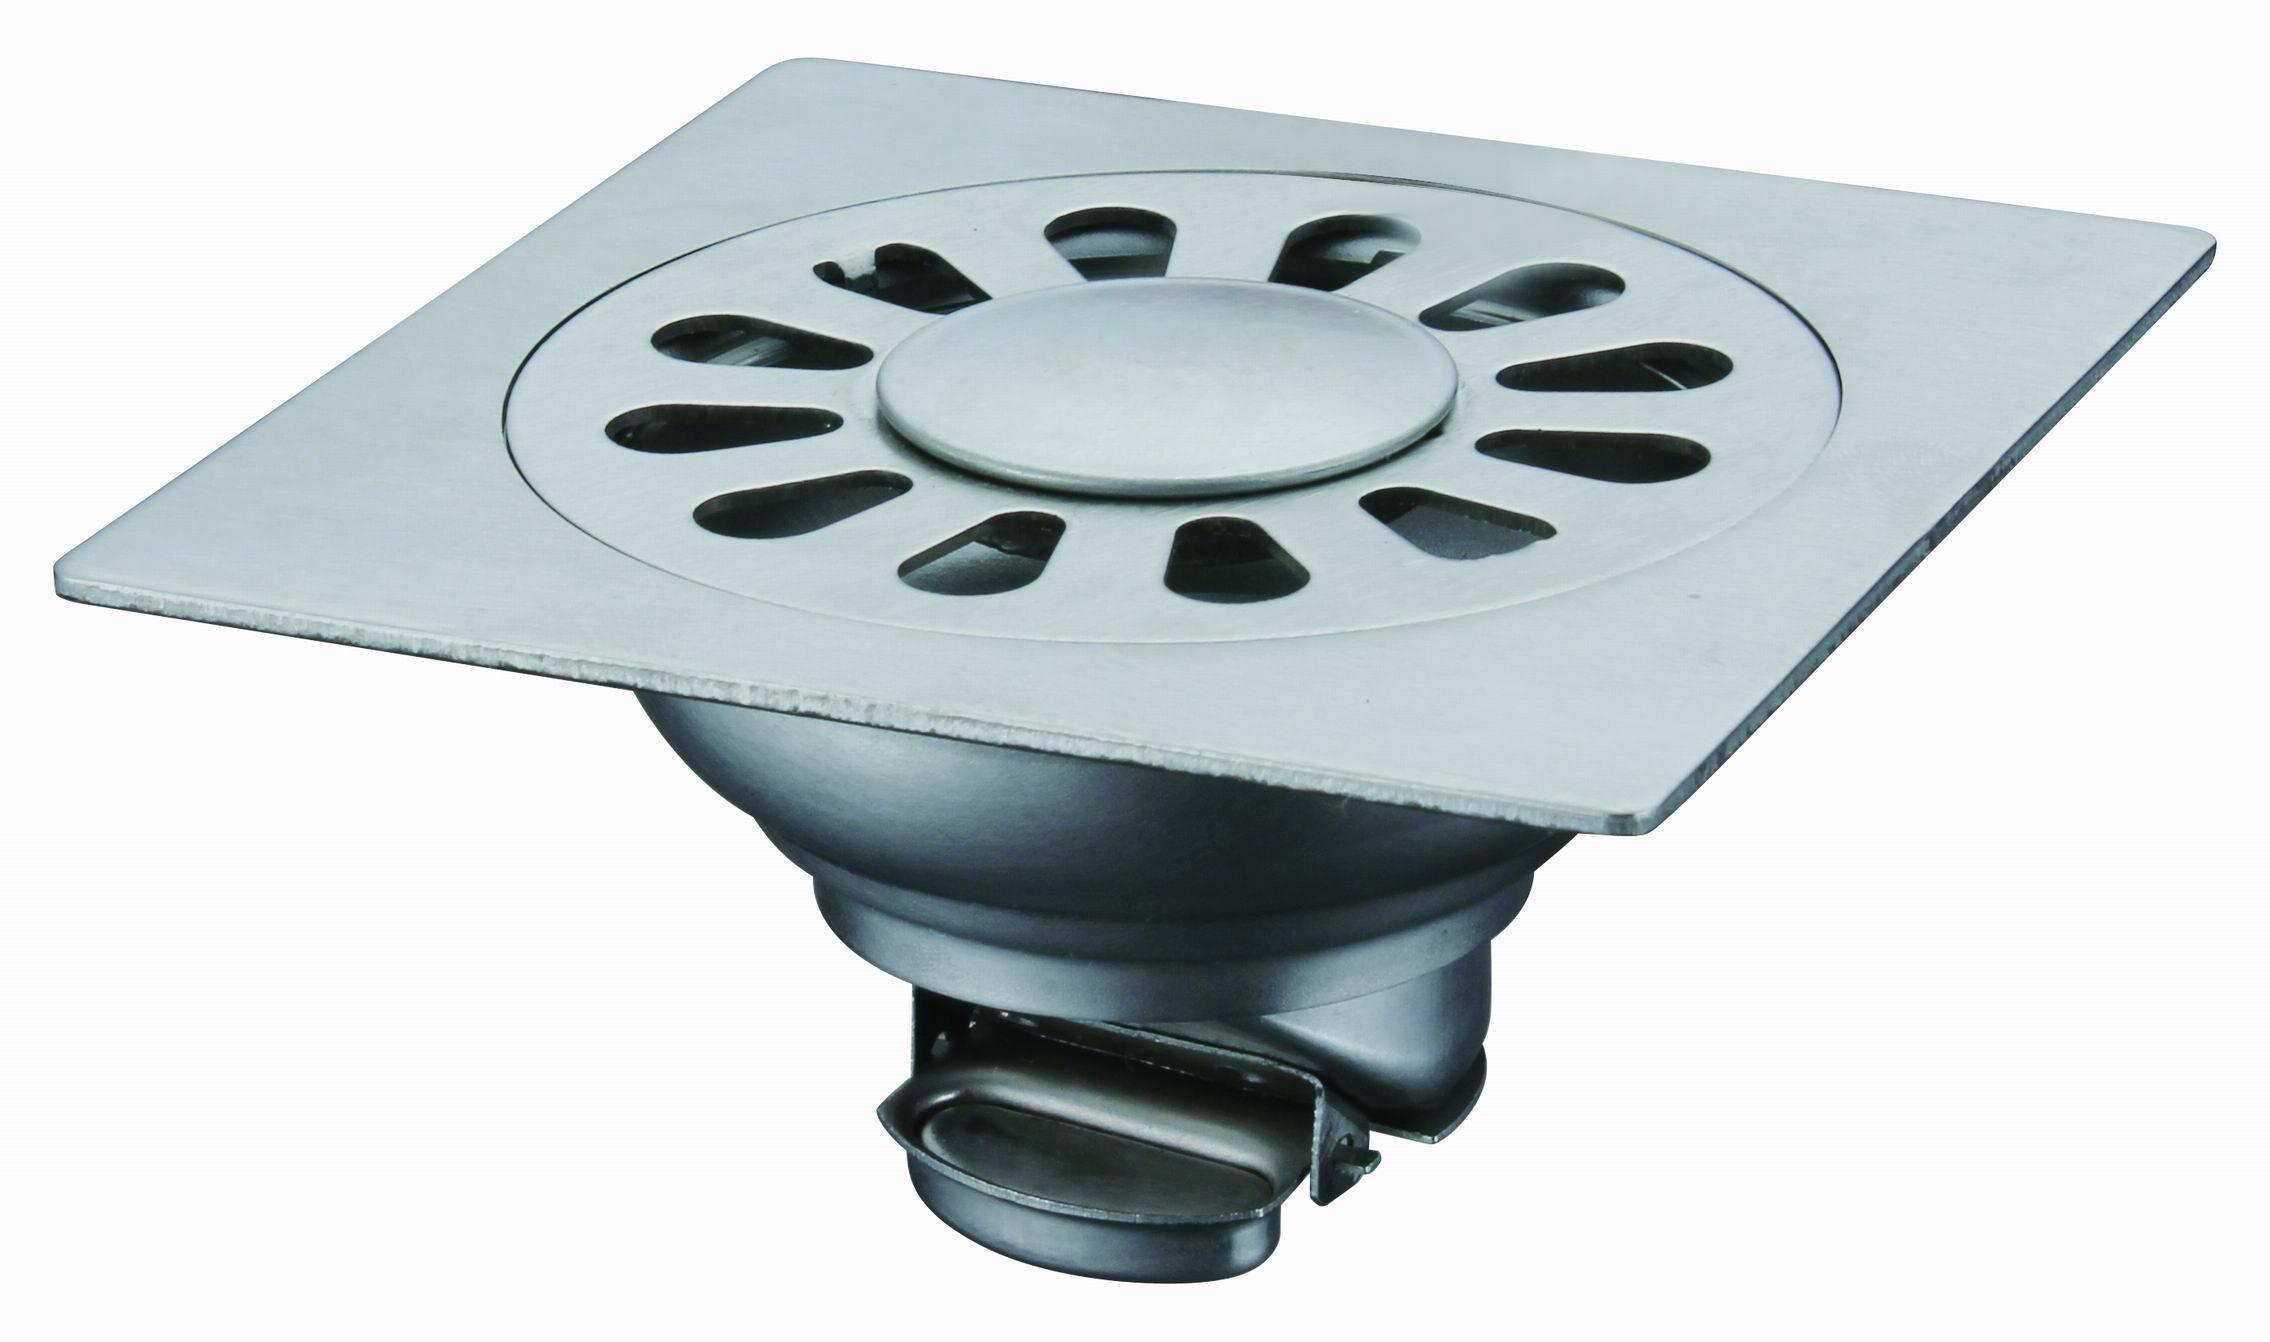 Accesorios de ba o de drenaje suelo lat n aleaci n de zinc for Precio de accesorios para bano